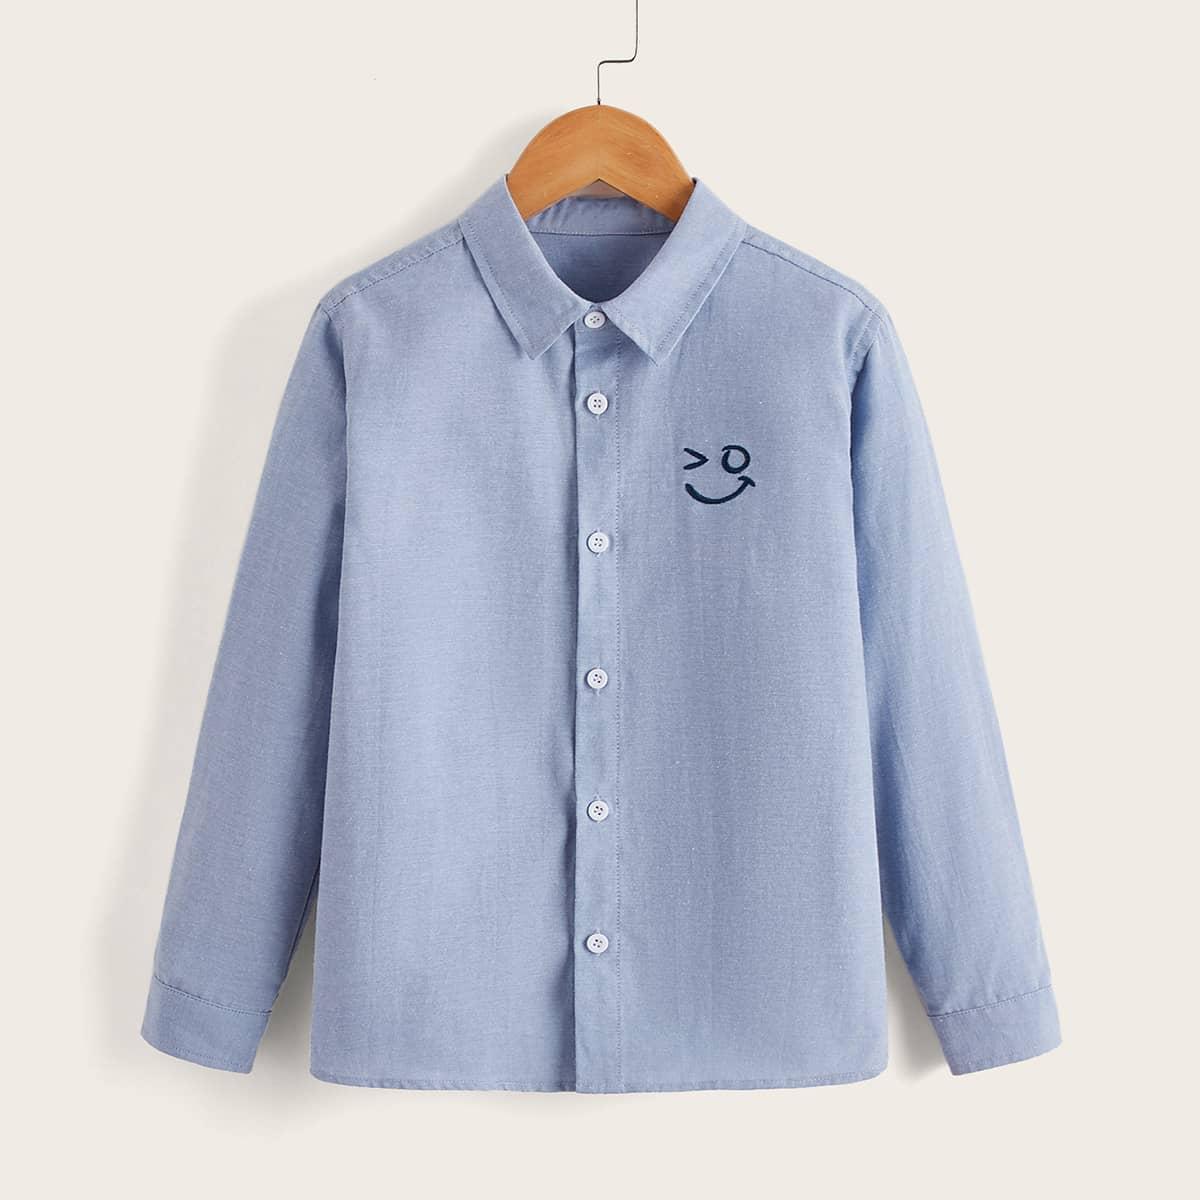 Рубашка с узором лица с вышивкой для мальчиков